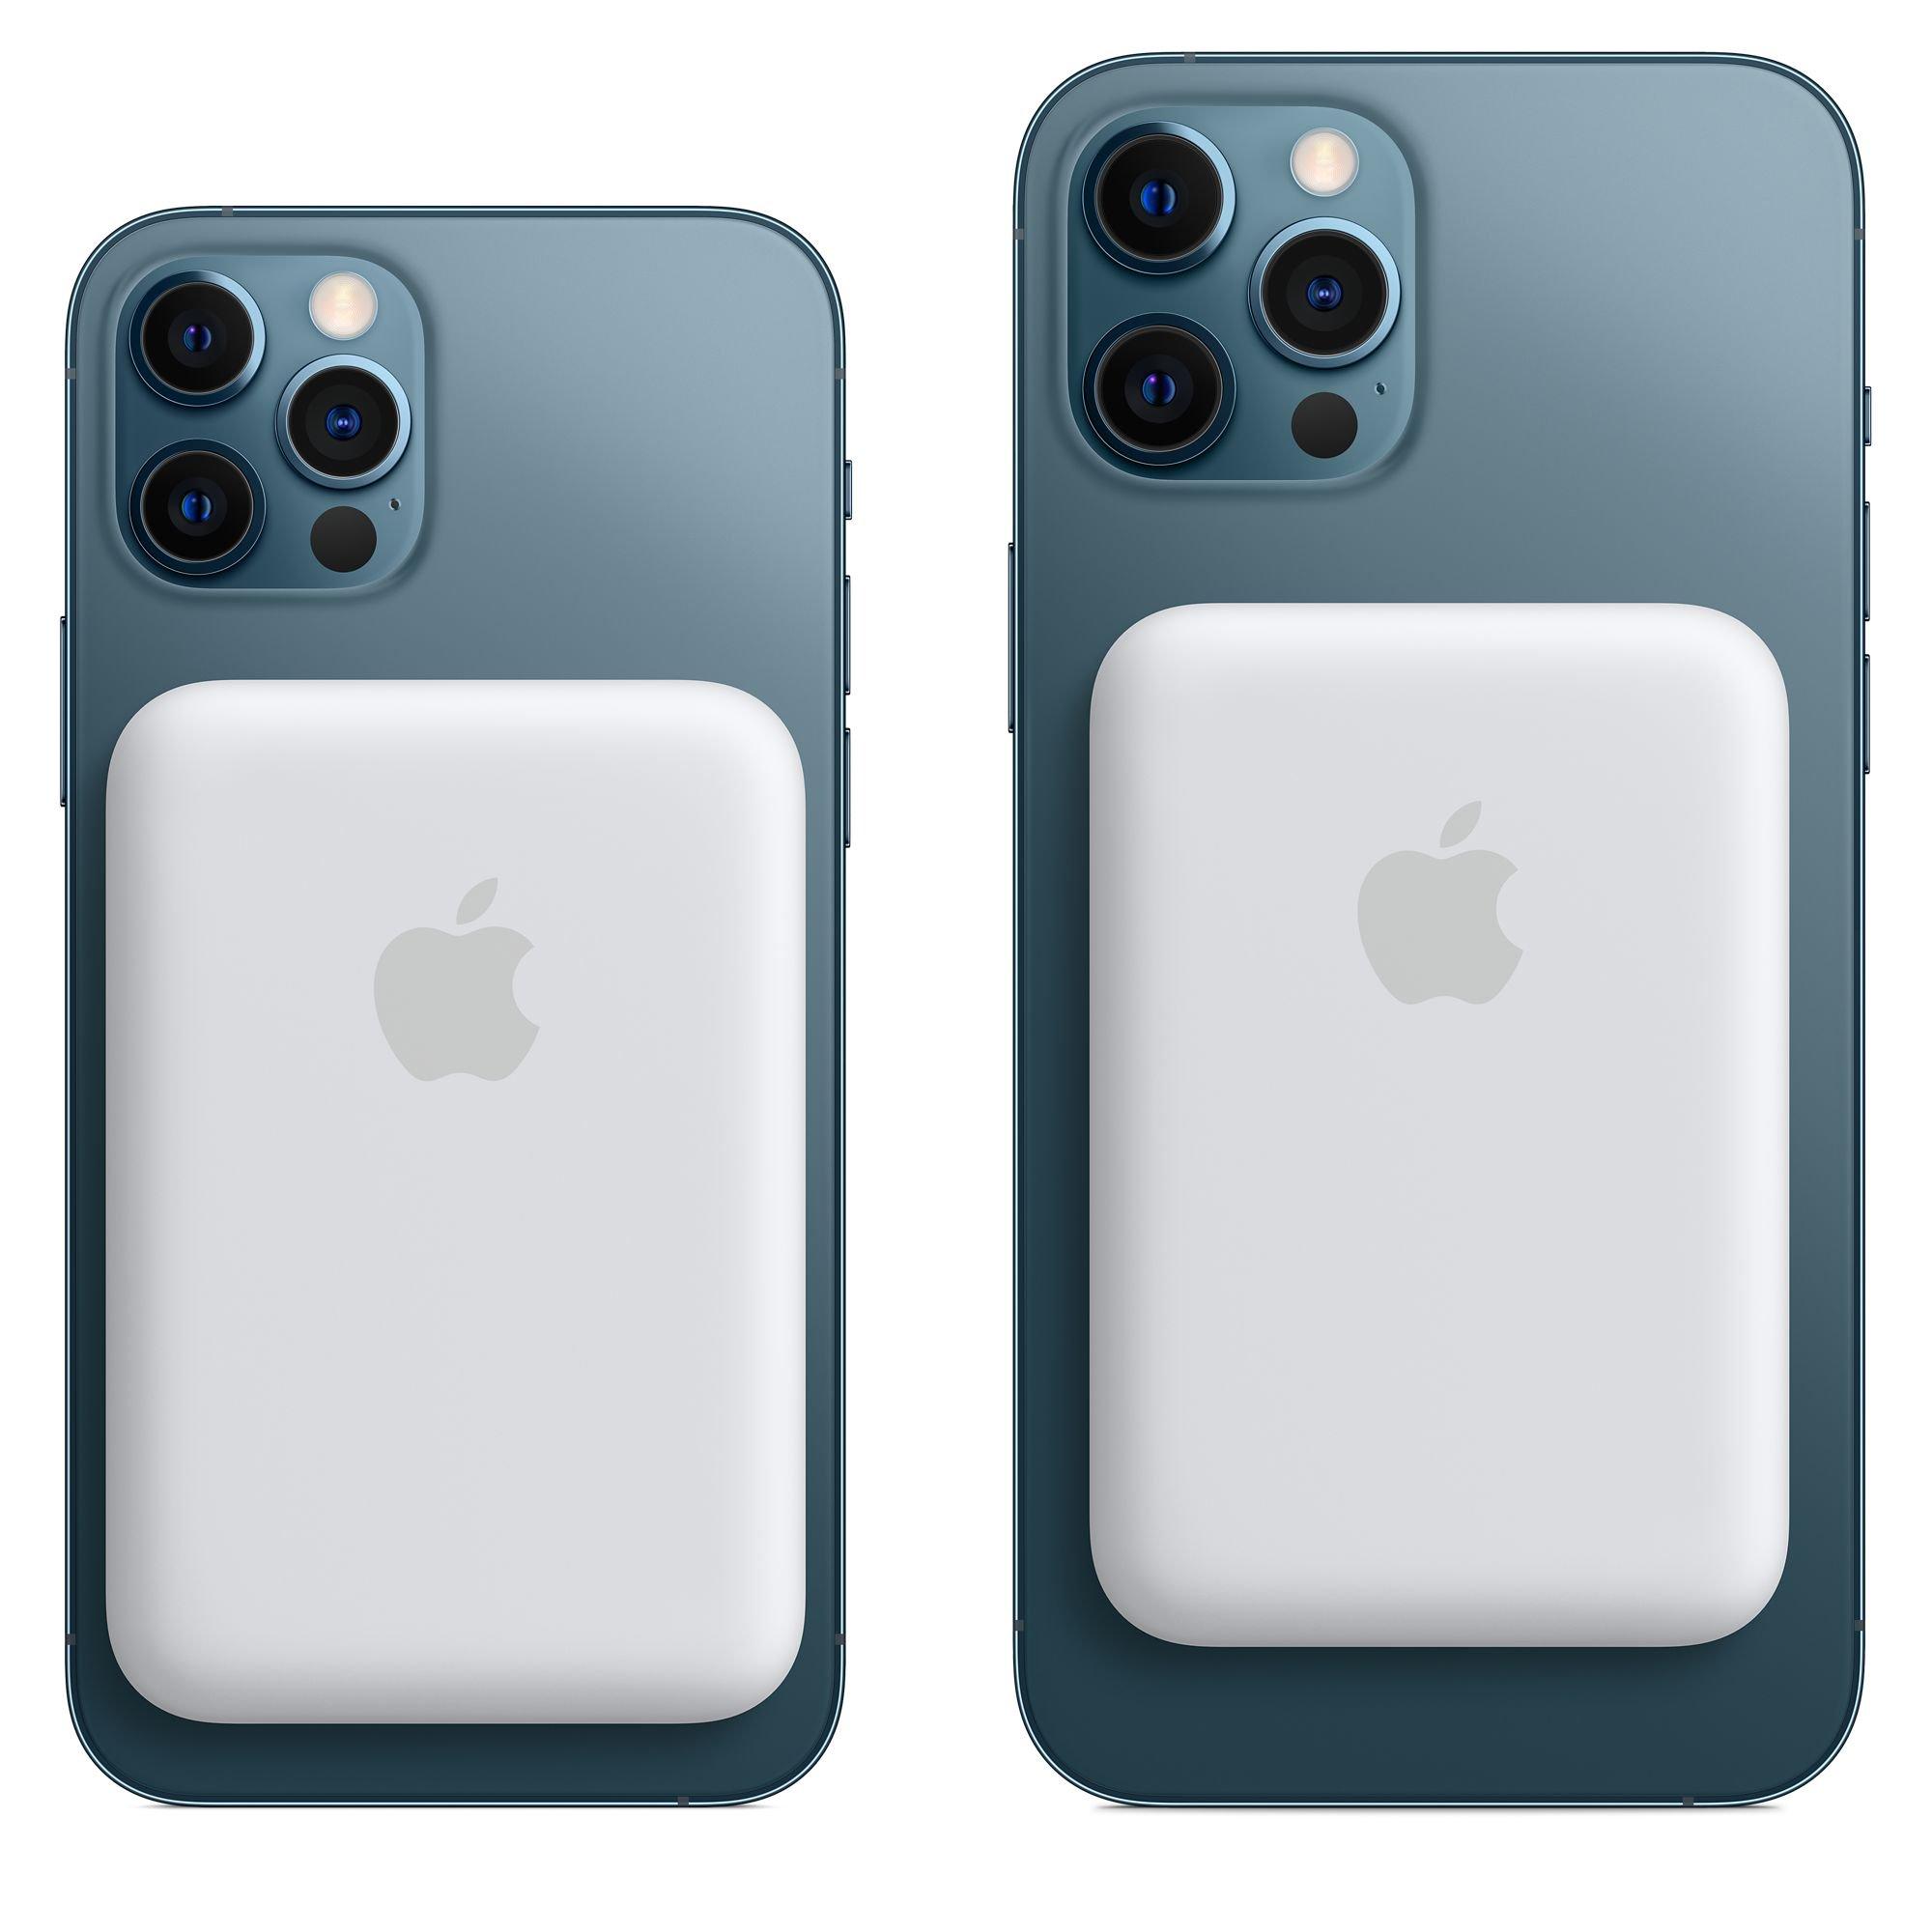 L'iPhone 12 finalement capable de recharge inversée avec la batterie externe MagSafe